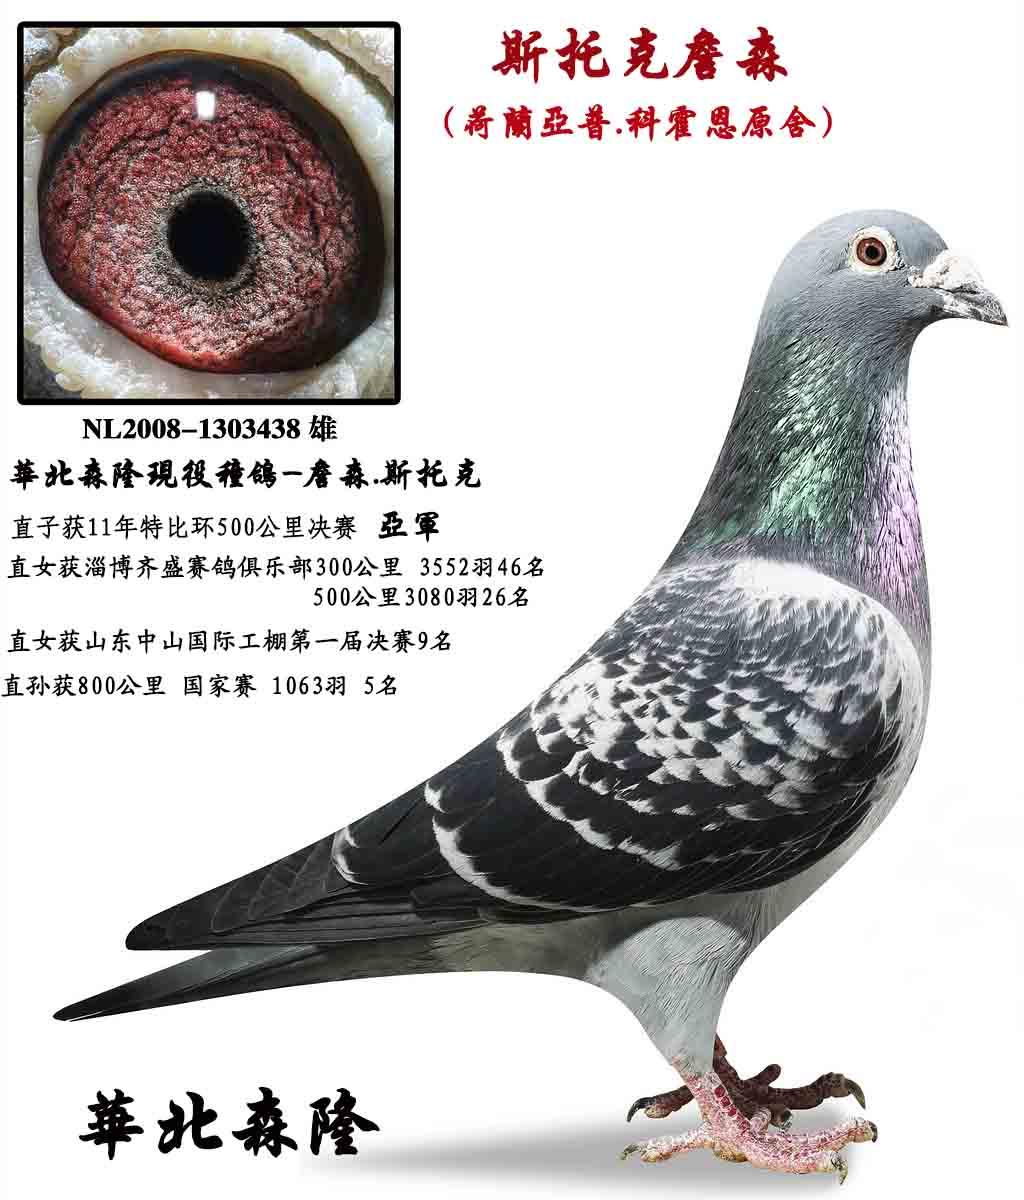 詹森_华北森隆_ag188.com爱鸽商城_中国信鸽图片